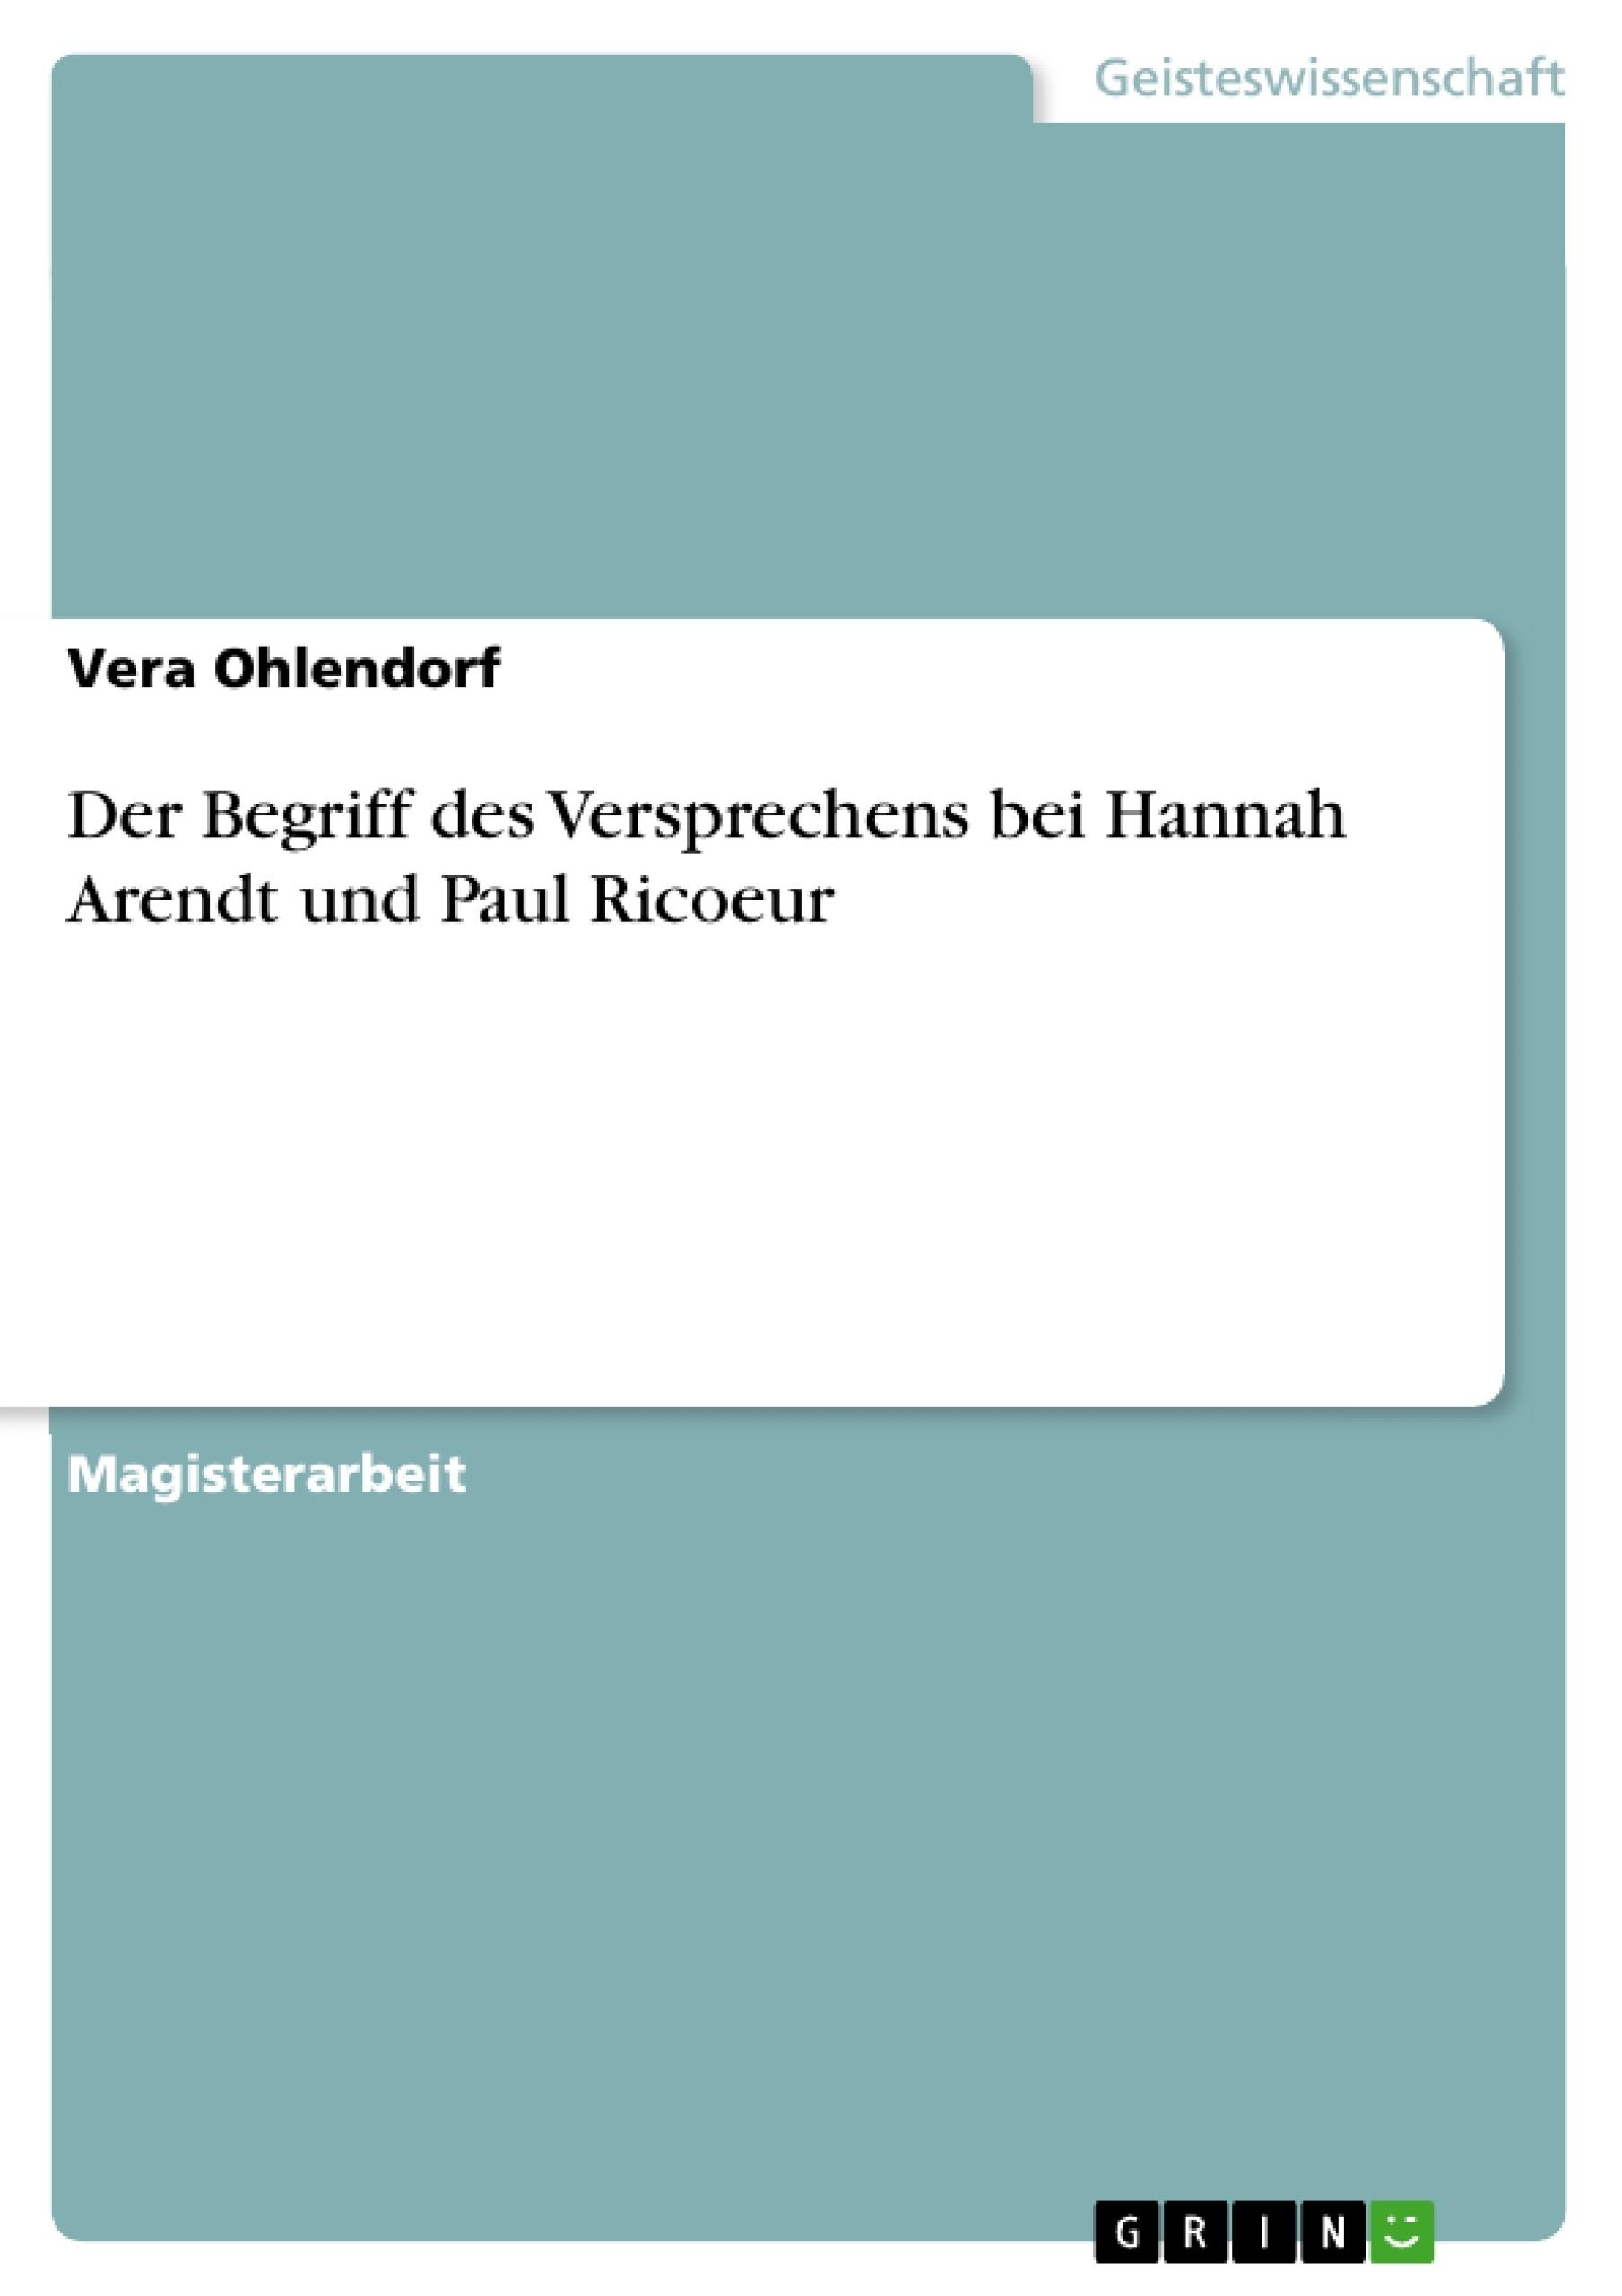 Titel: Der Begriff des Versprechens bei Hannah Arendt und Paul Ricoeur